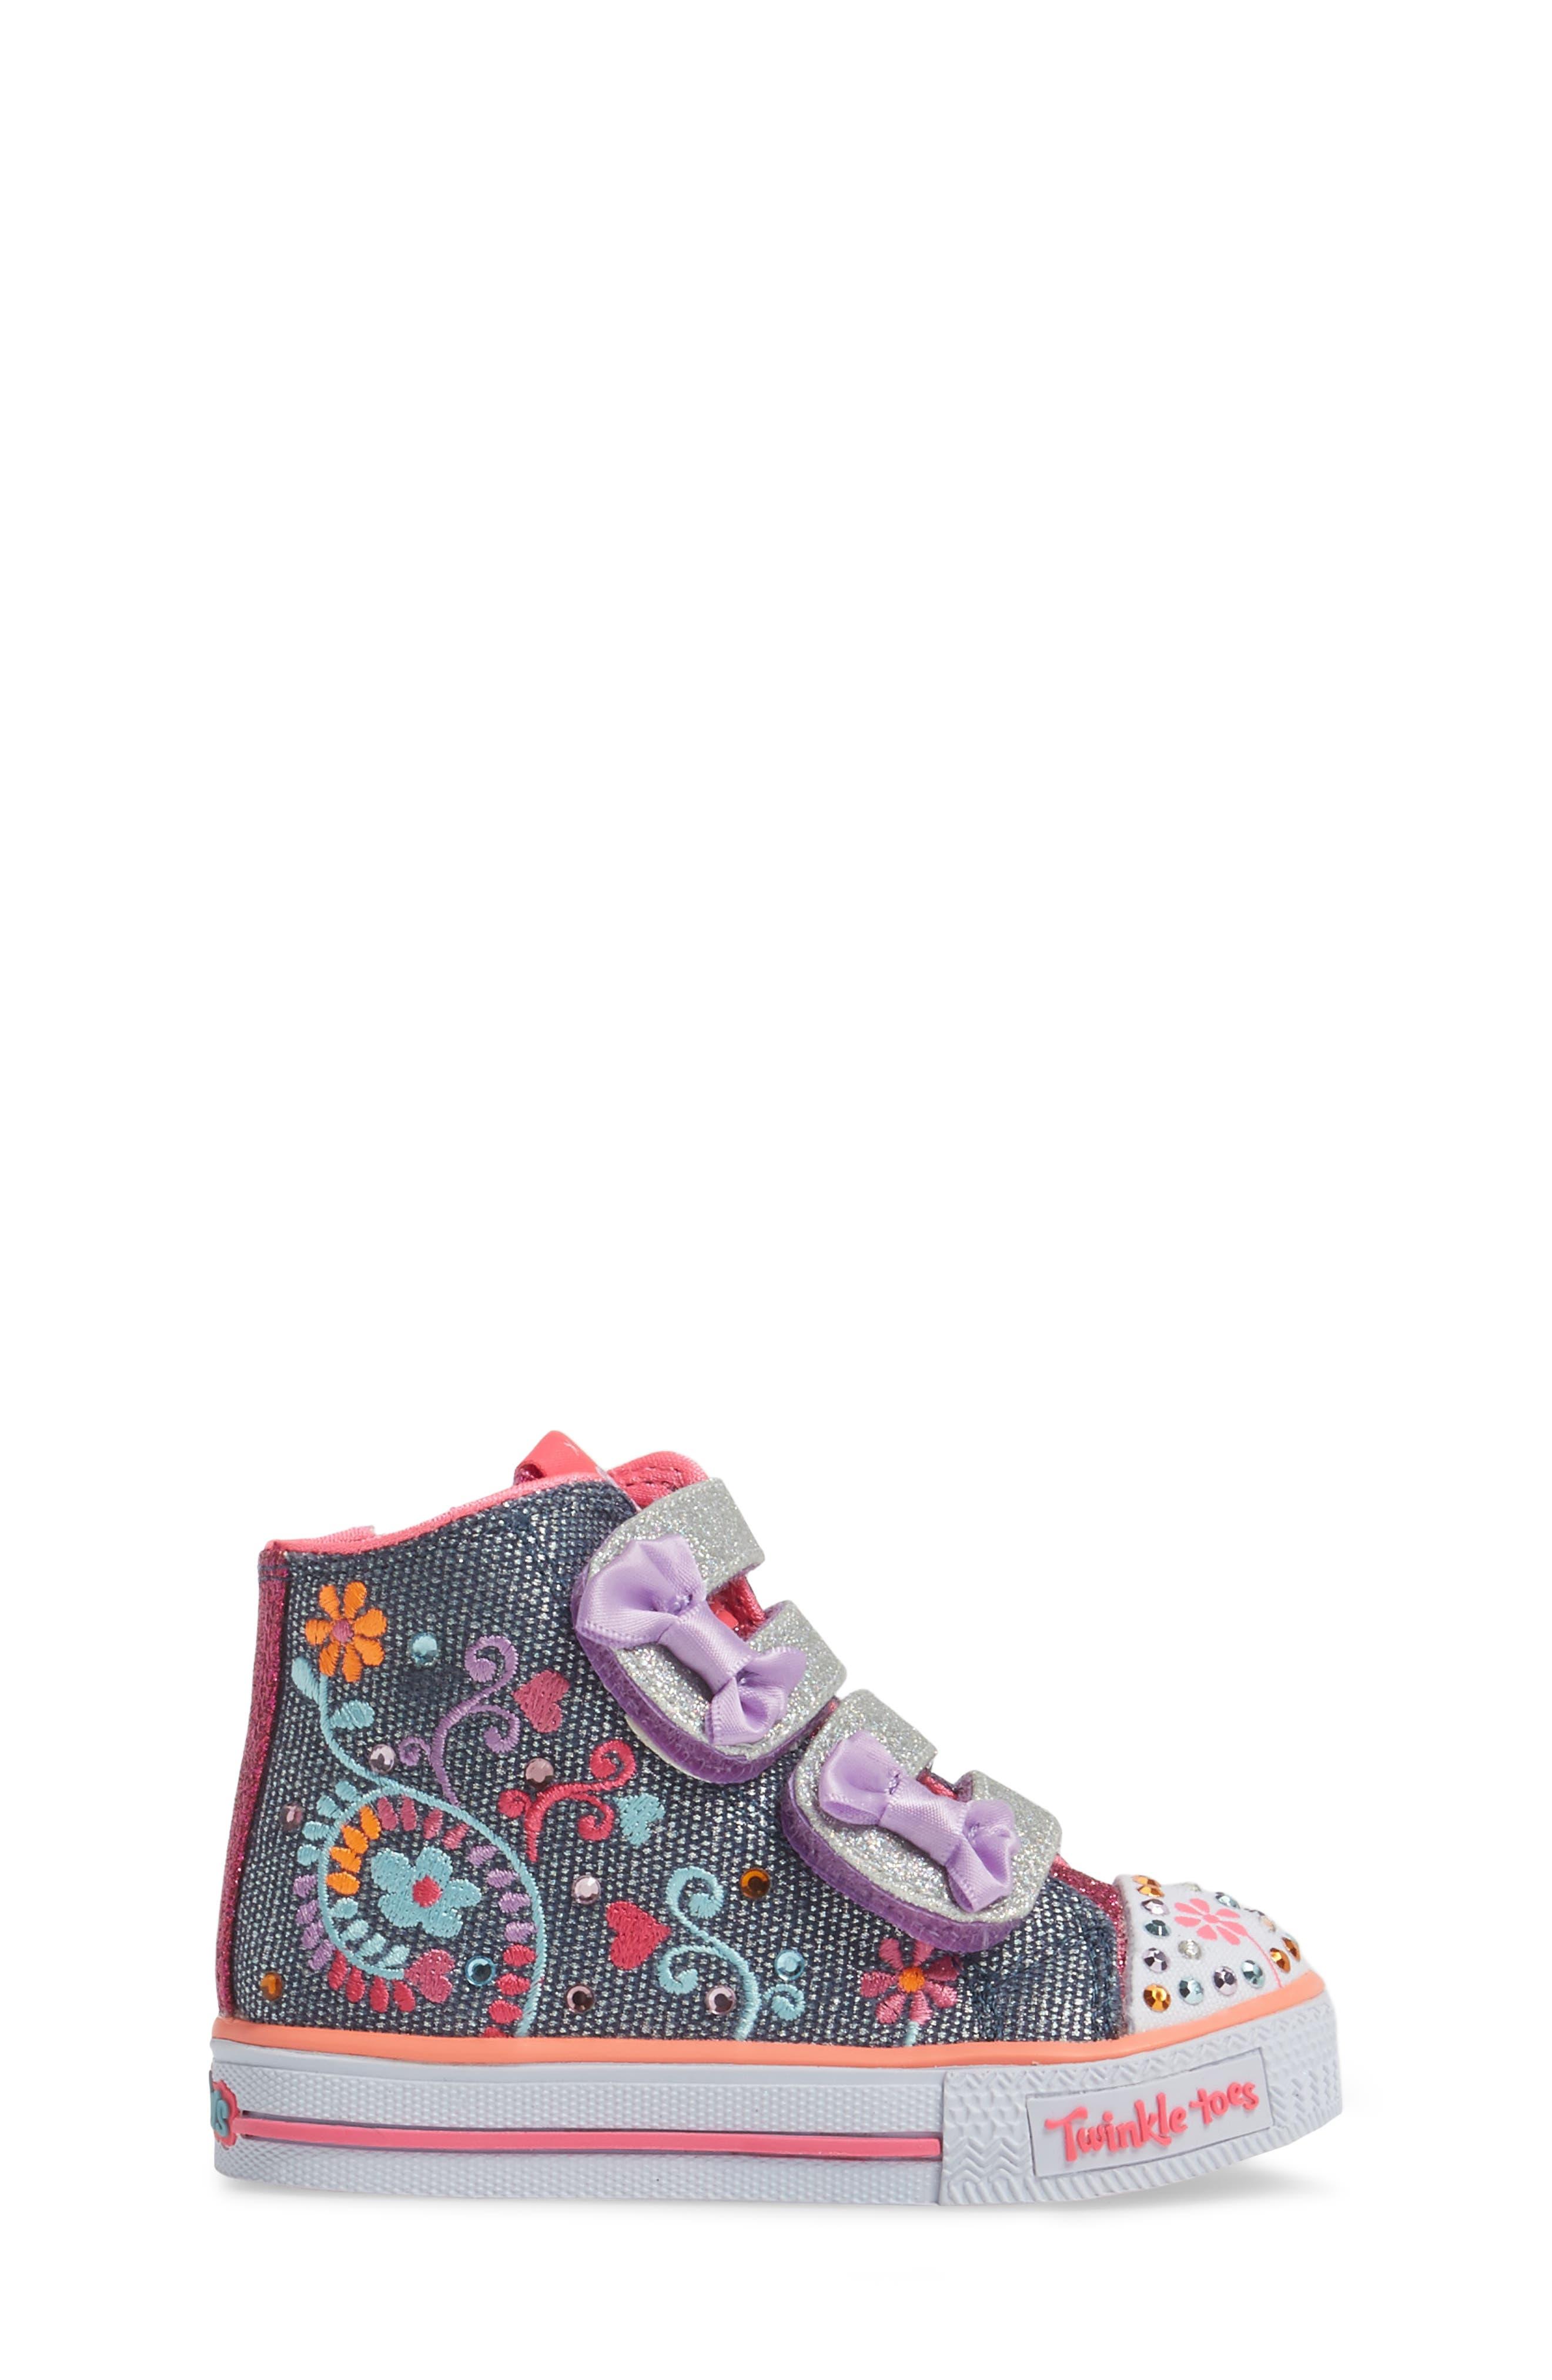 Shuffles Sneaker,                             Alternate thumbnail 3, color,                             468